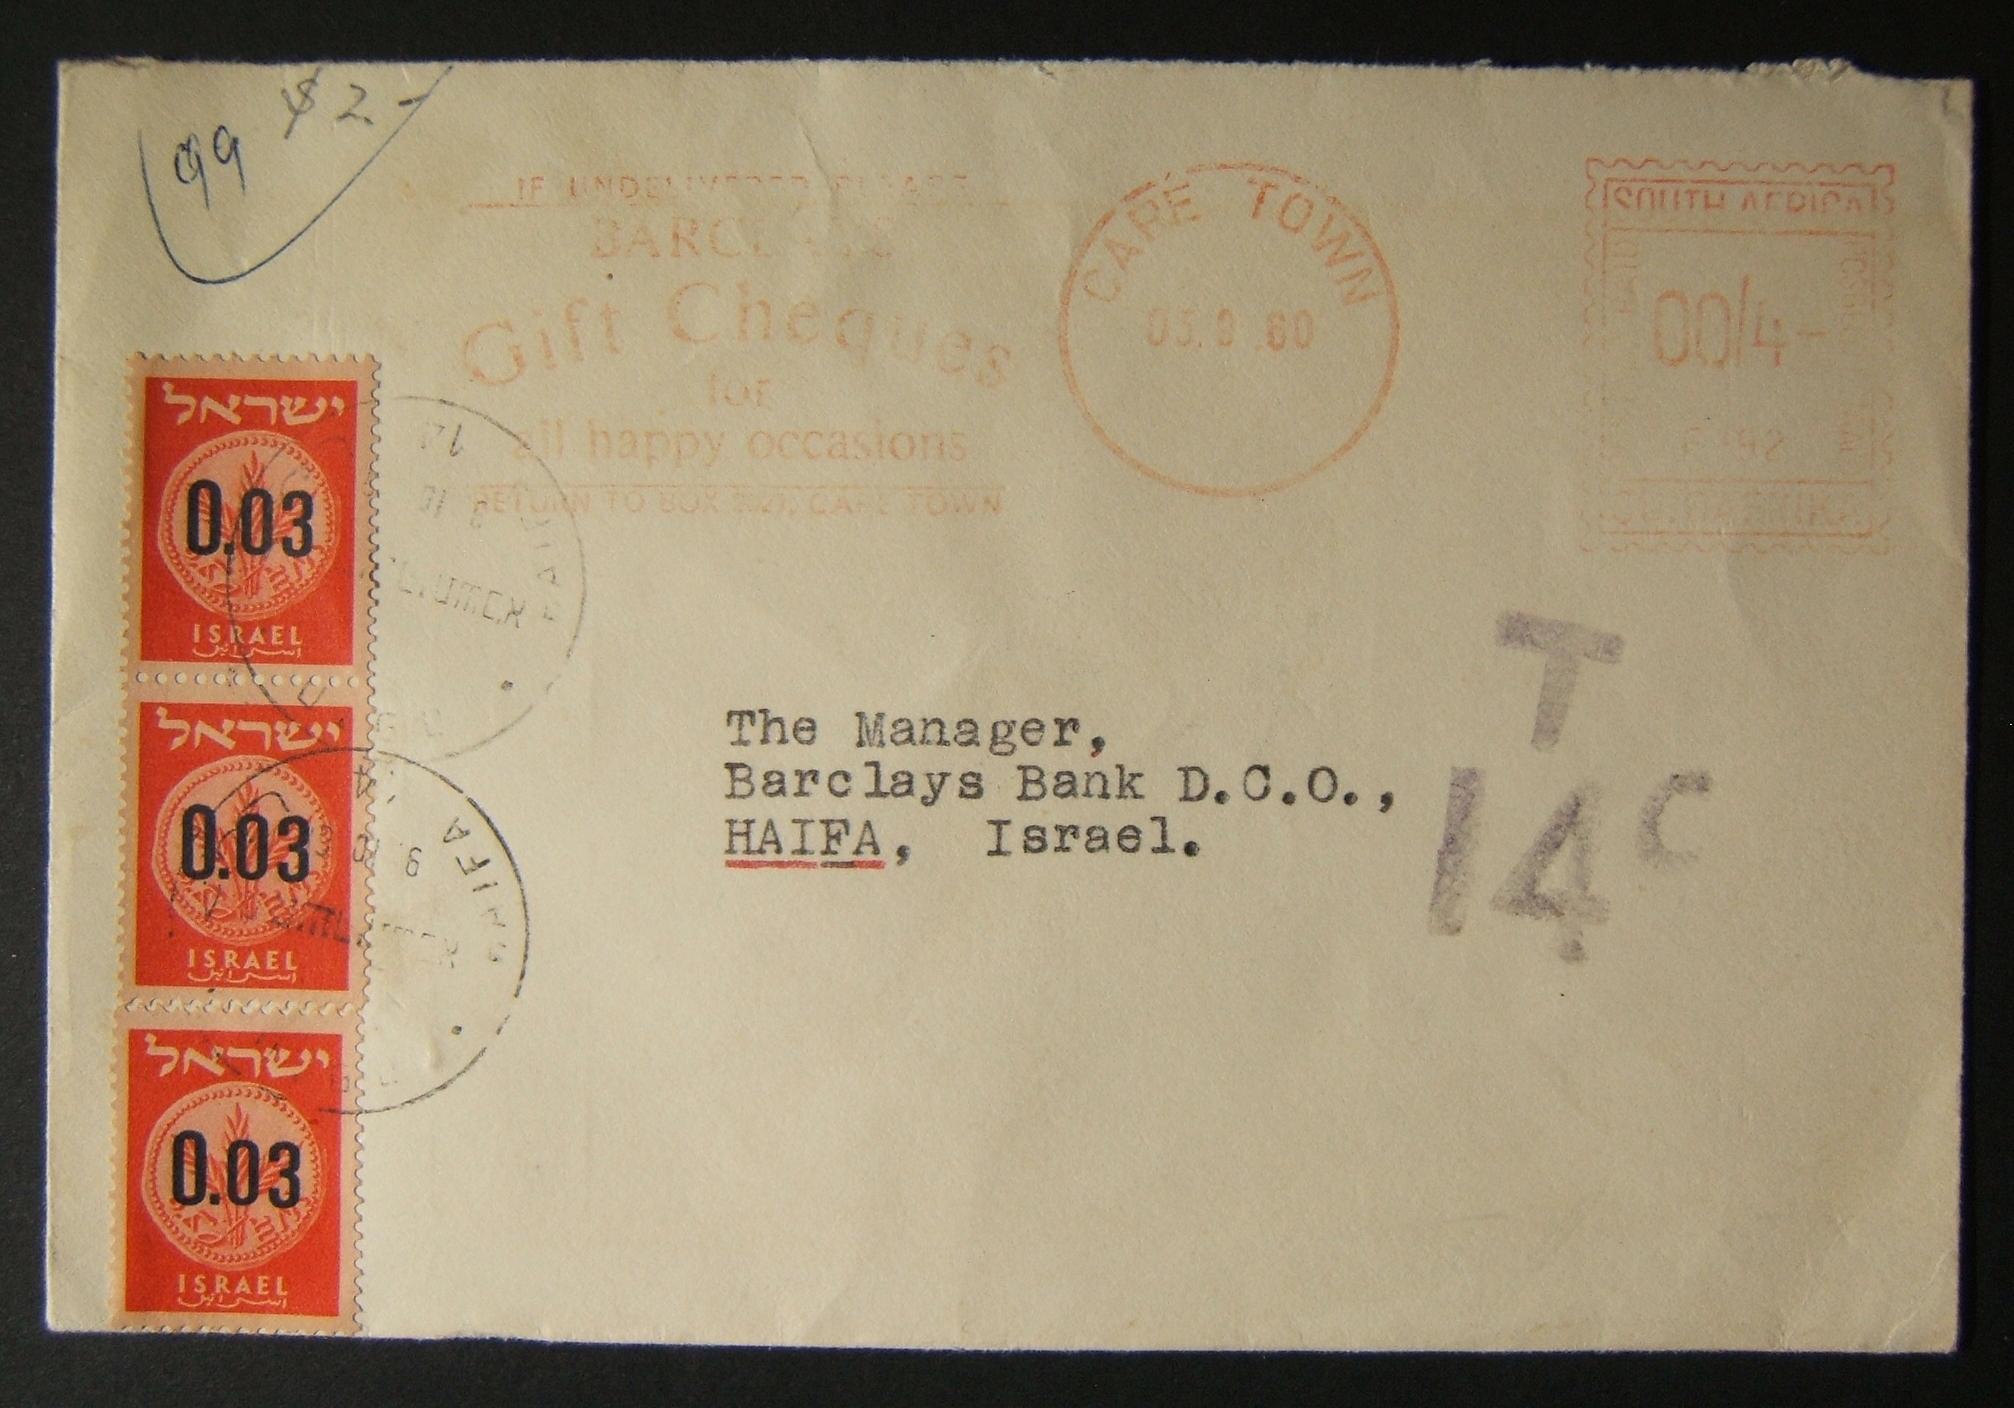 9/1960 خففت ضريبة بريد جنوب إفريقيا باستخدام 3 أختام مؤقتة متعددة